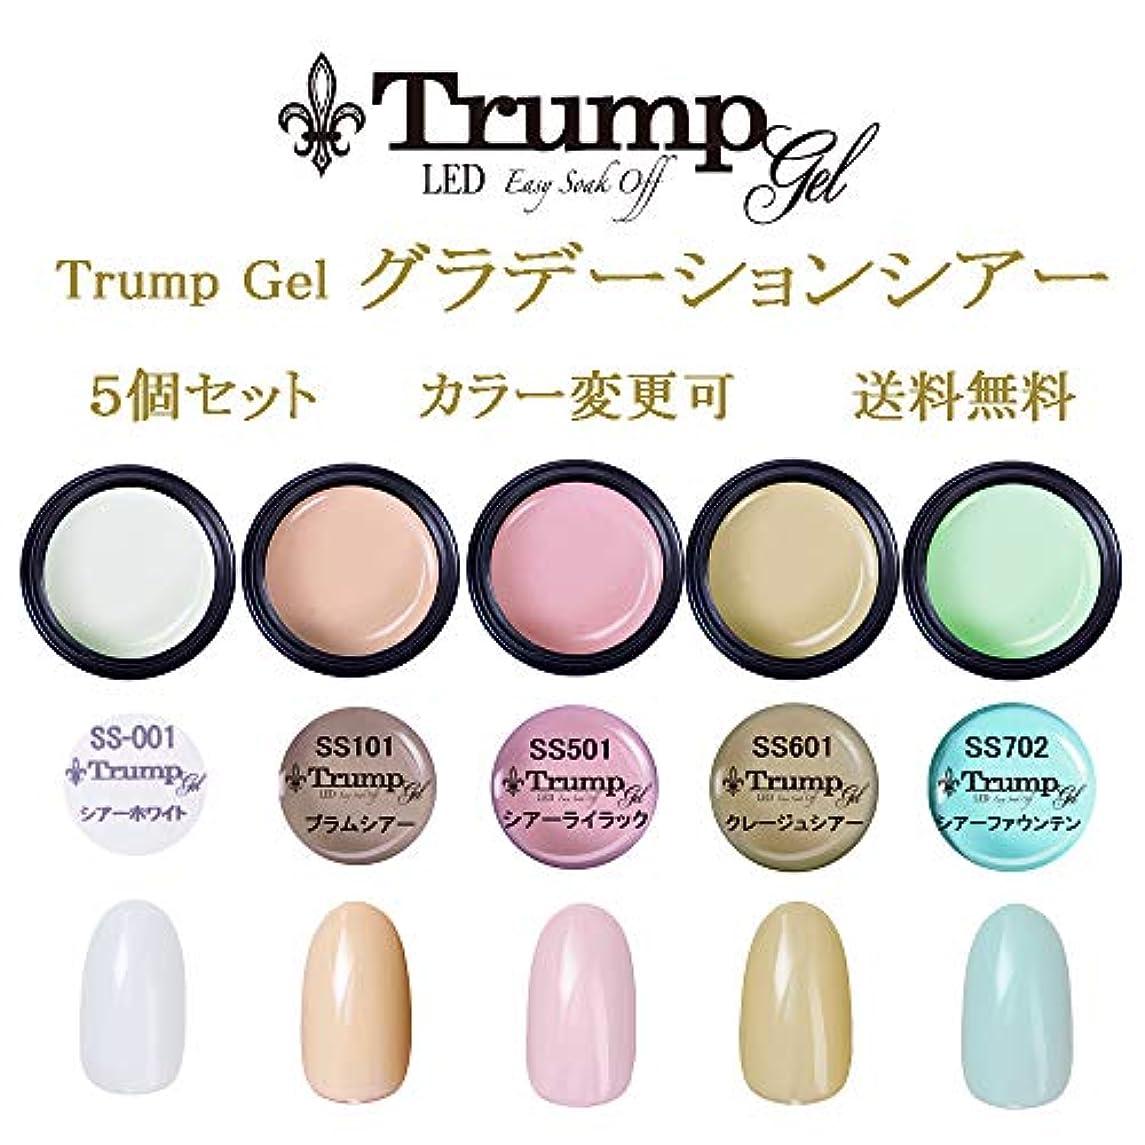 免除する損傷神の日本製 Trump gel トランプジェル グラデーション シアーカラー 選べる カラージェル 5個セット ホワイト ベージュ ピンク イエロー ブルー